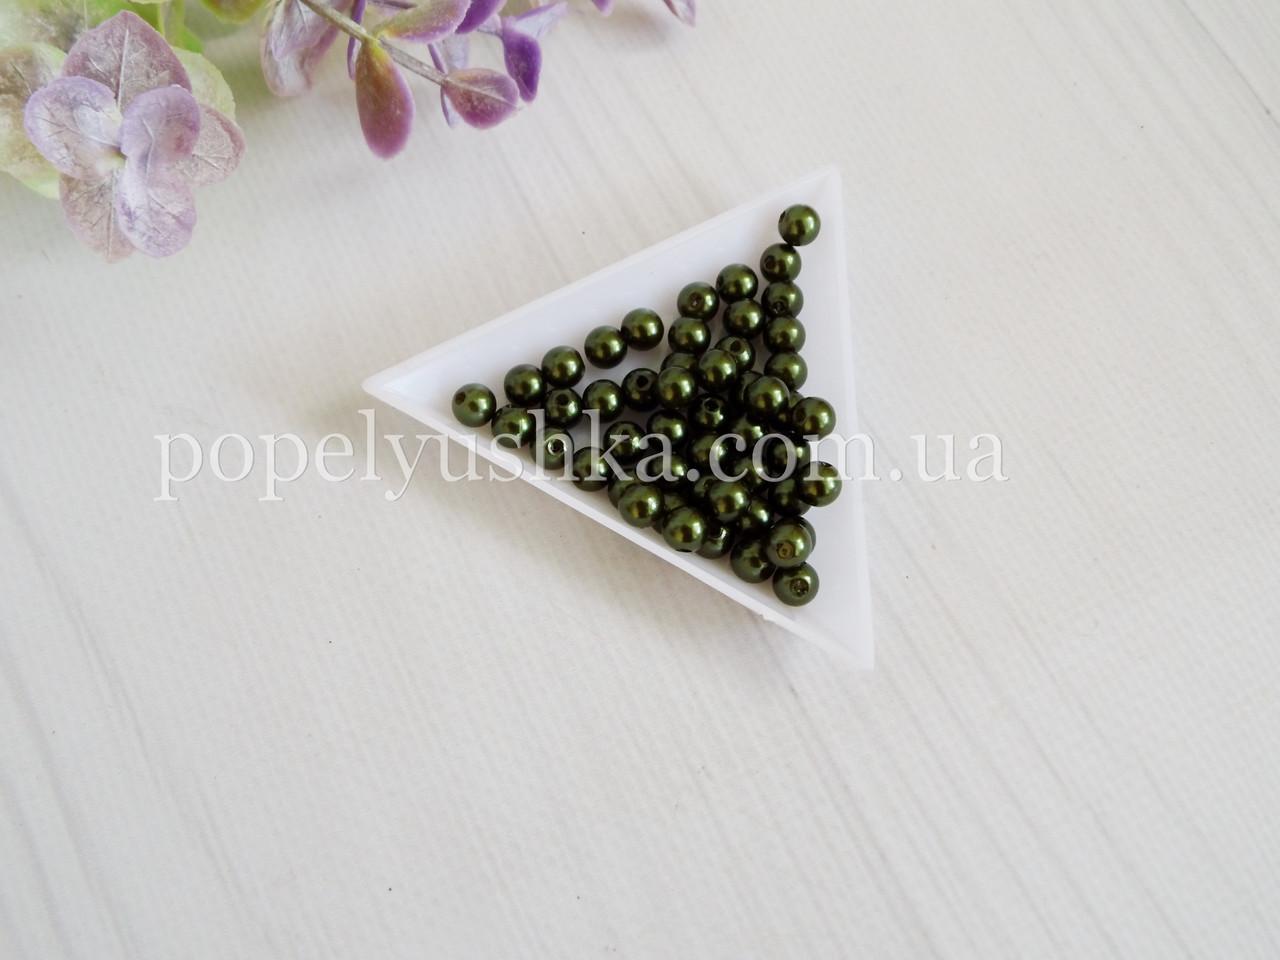 Намистини темно-зелені 6 мм акрил (50 шт.)